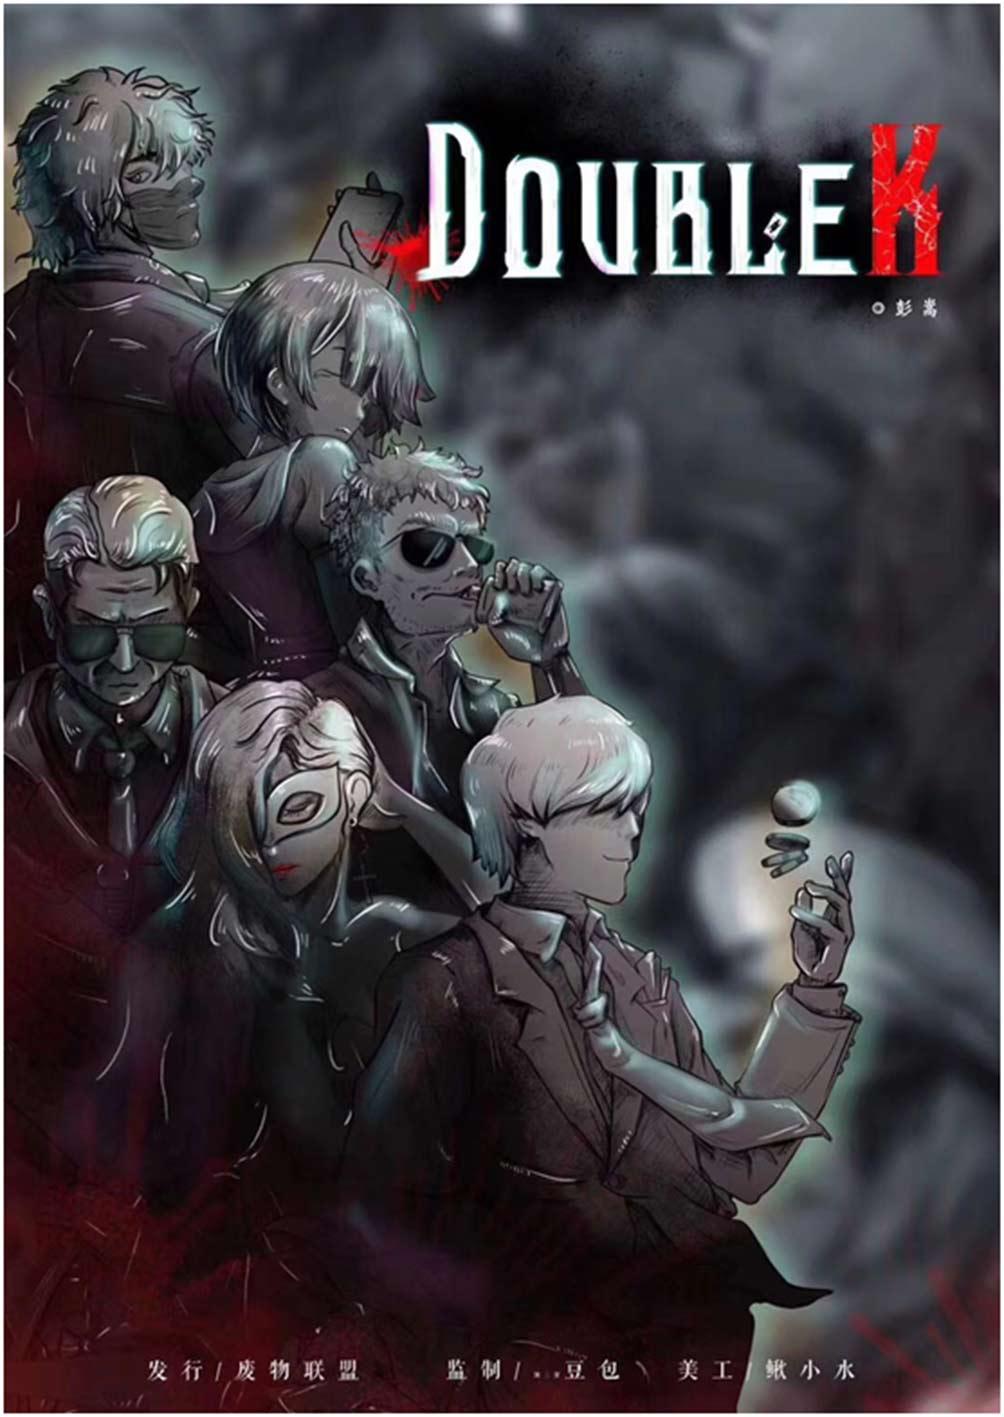 『Double k』剧本杀凶手是谁复盘解析 测评剧透 结局答案